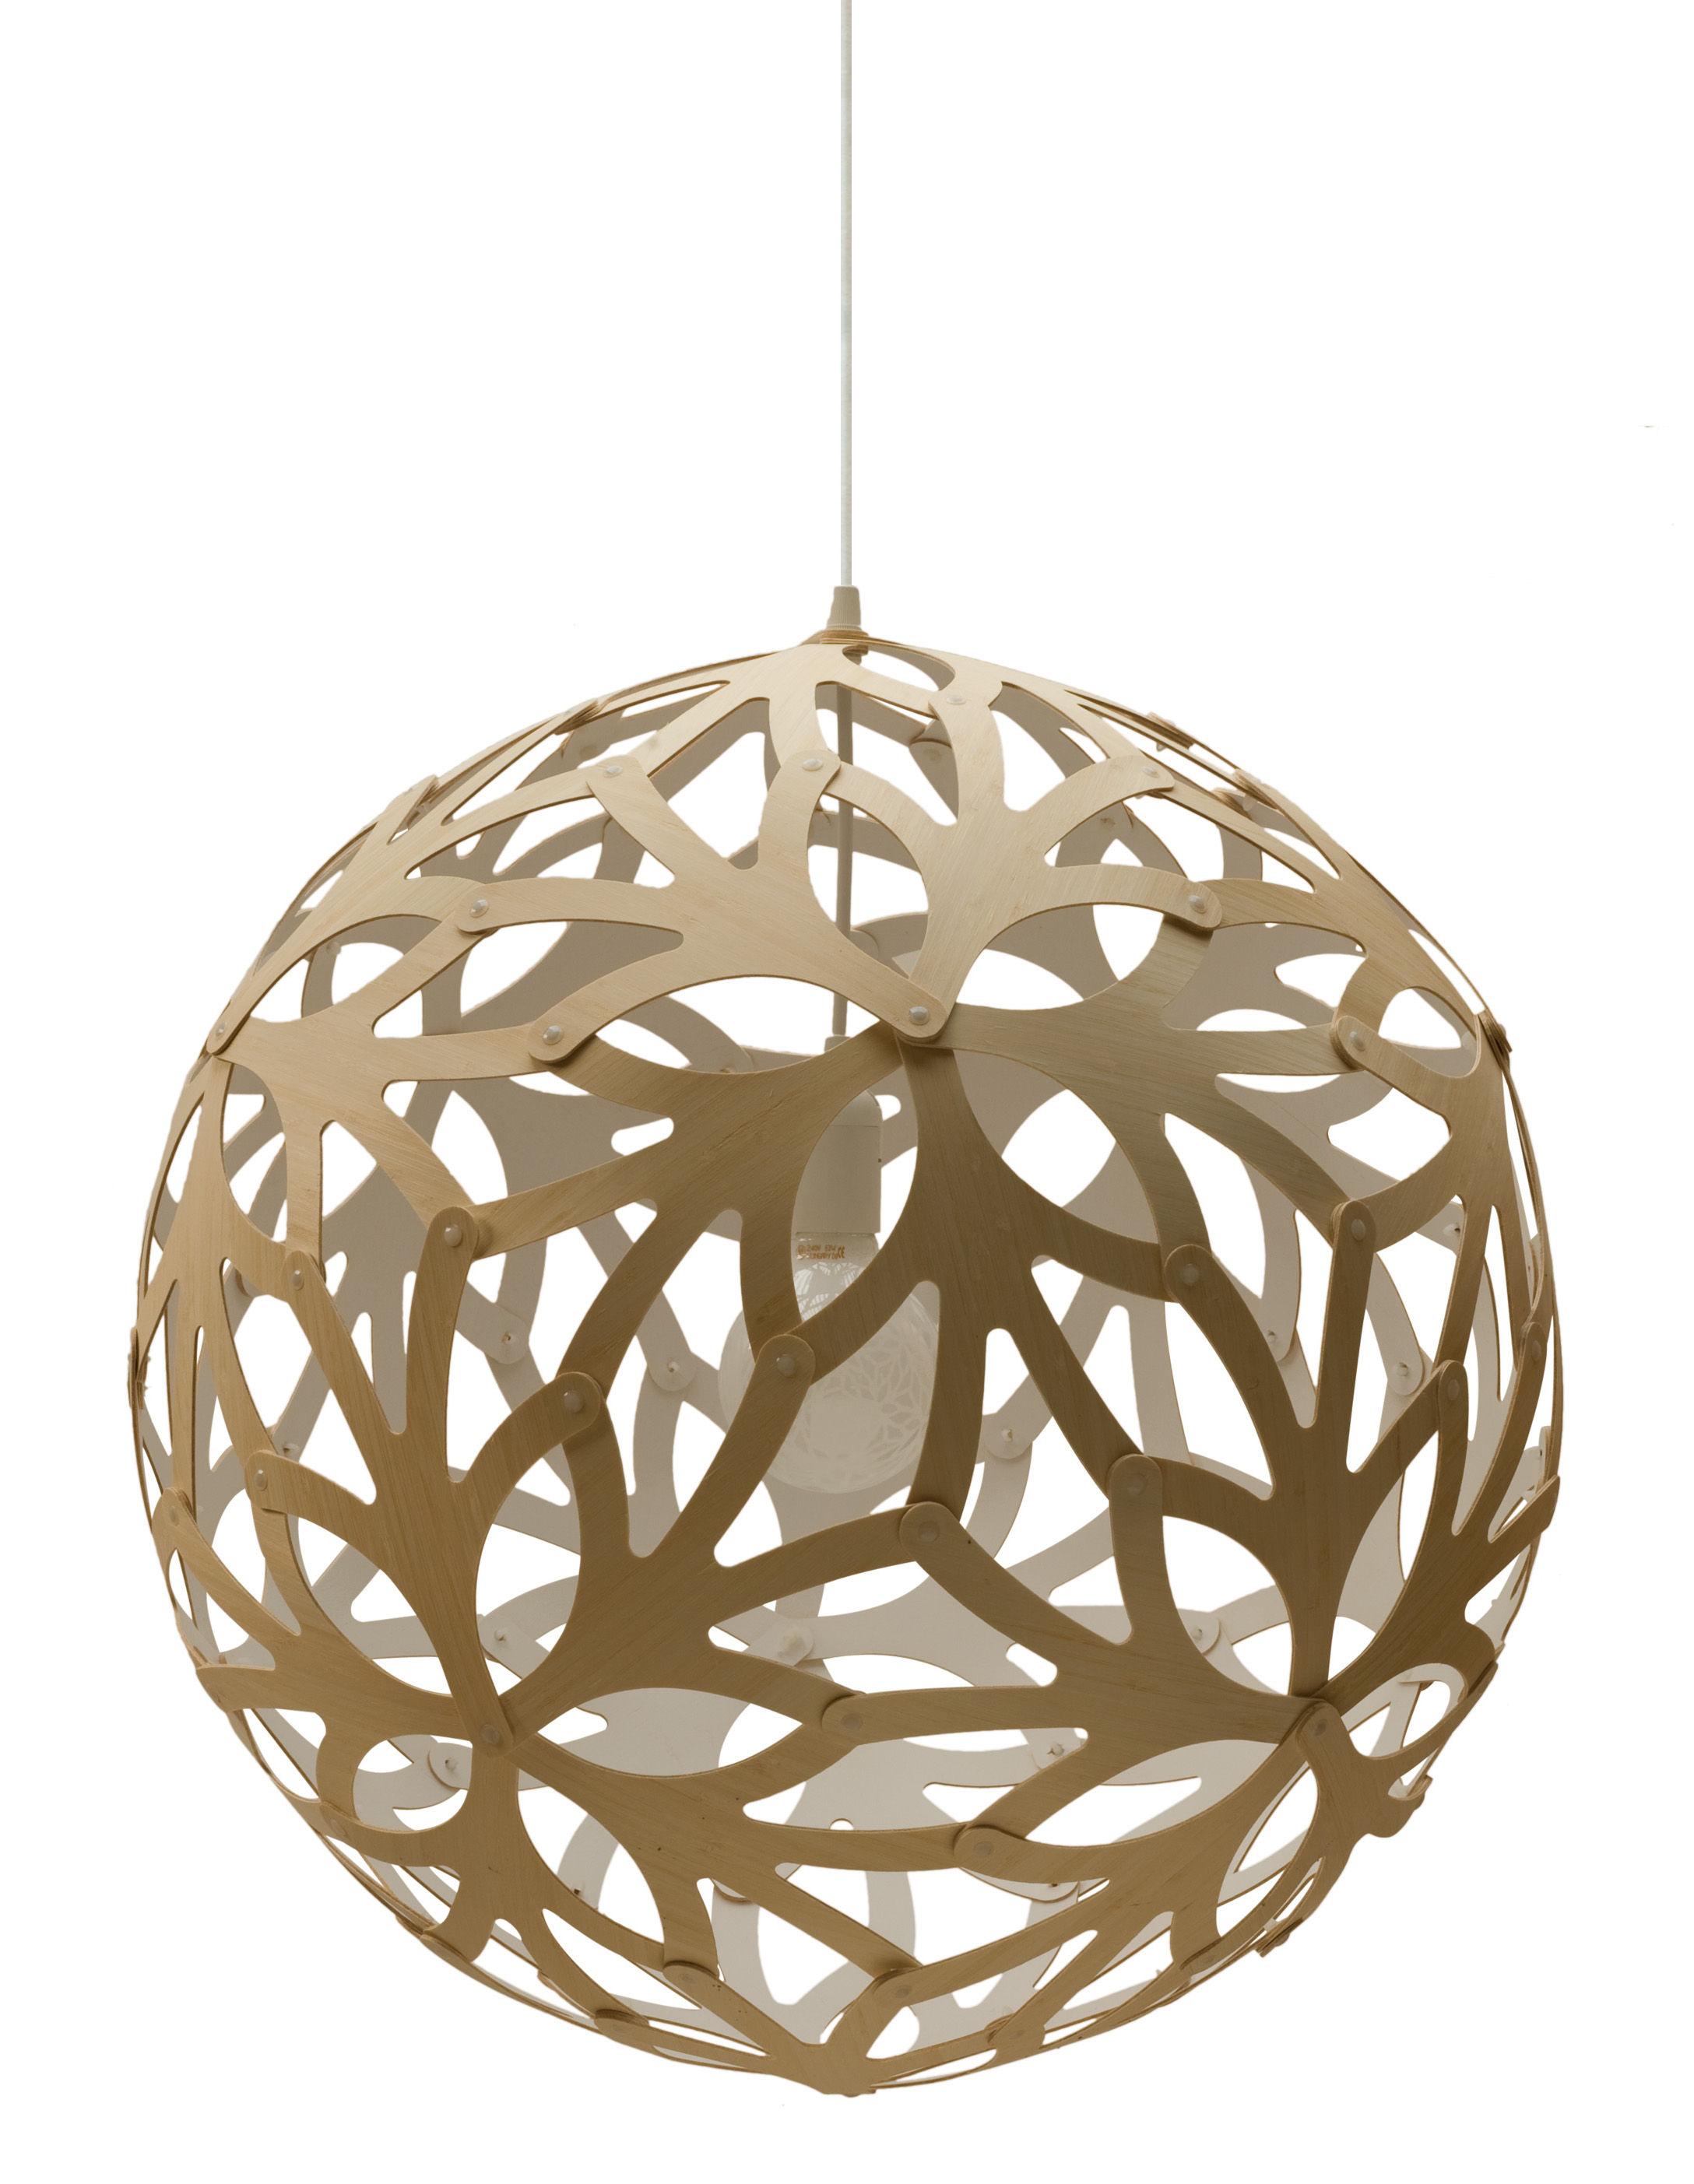 Leuchten - Pendelleuchten - Floral Pendelleuchte Ø 40 cm - Zweifarbig - Exklusiv - David Trubridge - Weiß / Holz natur - Kiefer